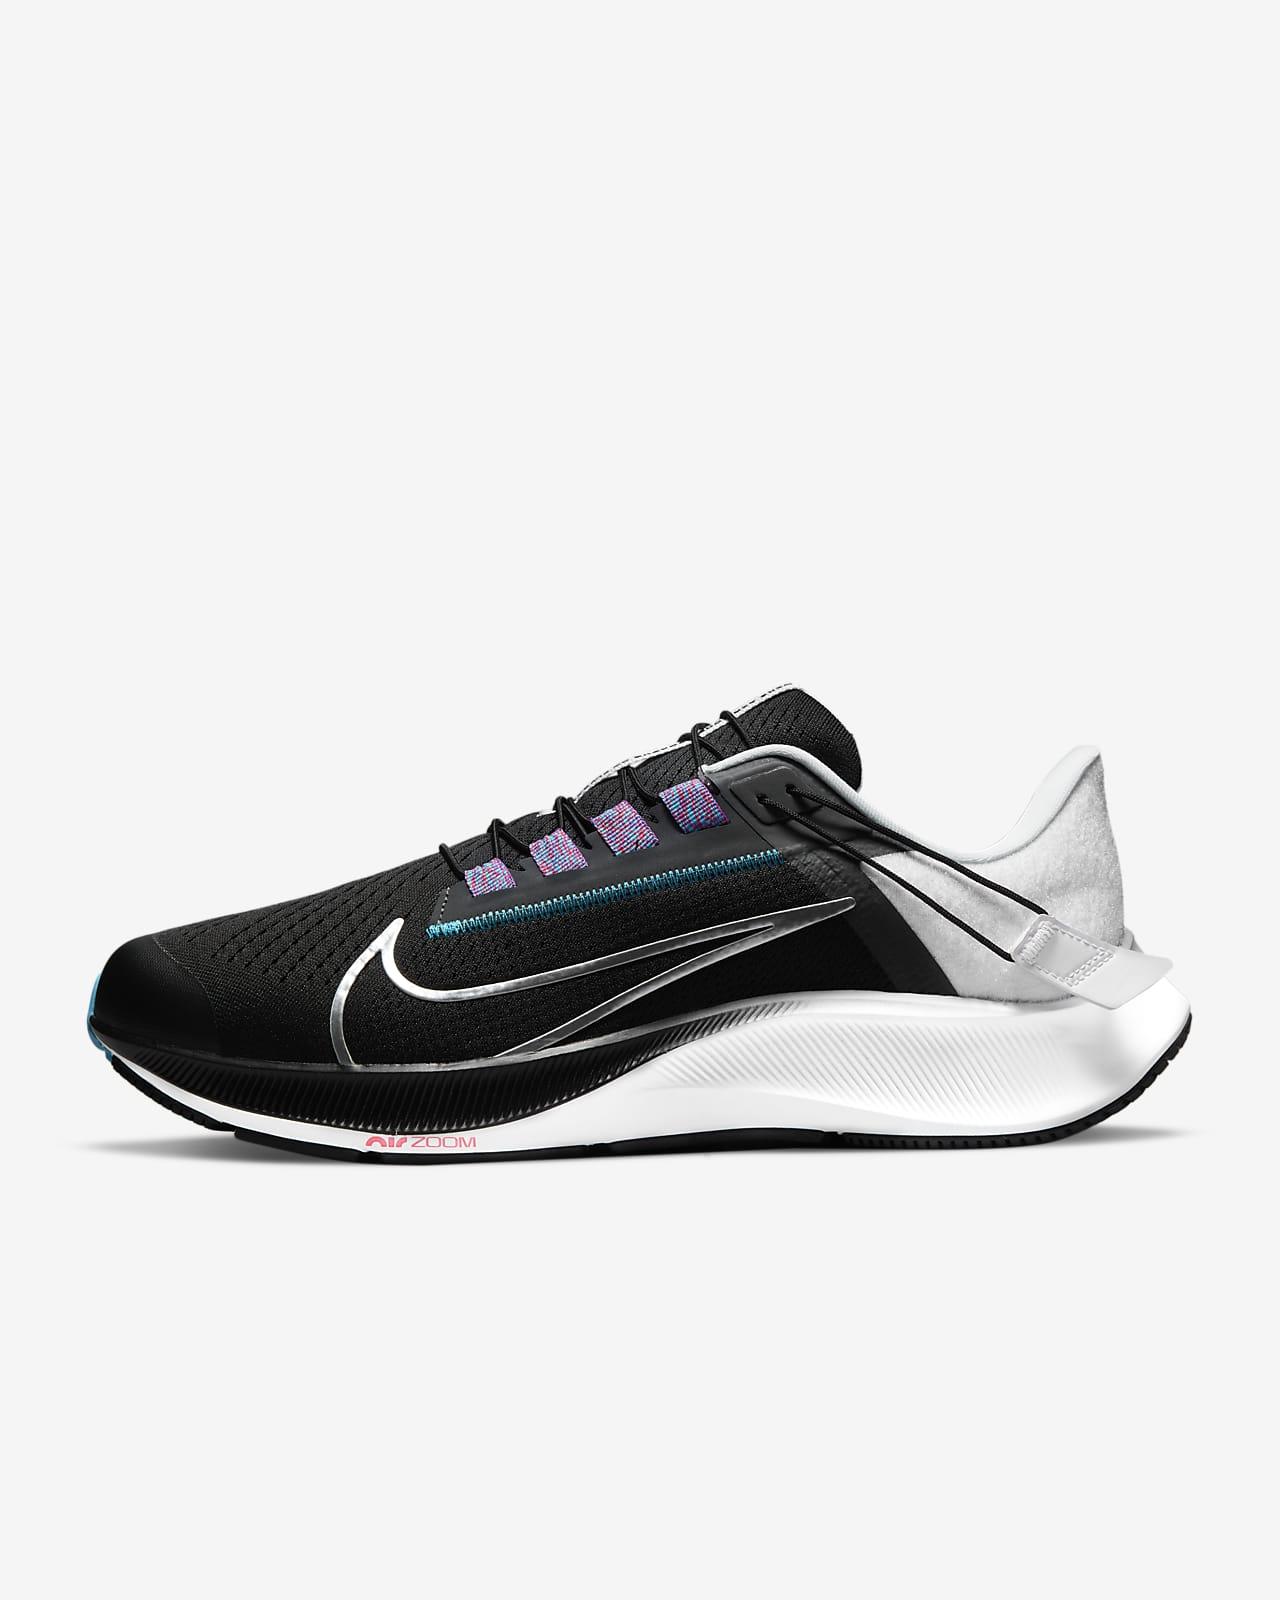 Ανδρικό παπούτσι για τρέξιμο Nike Air Zoom Pegasus 38 FlyEase (πολύ φαρδύ)